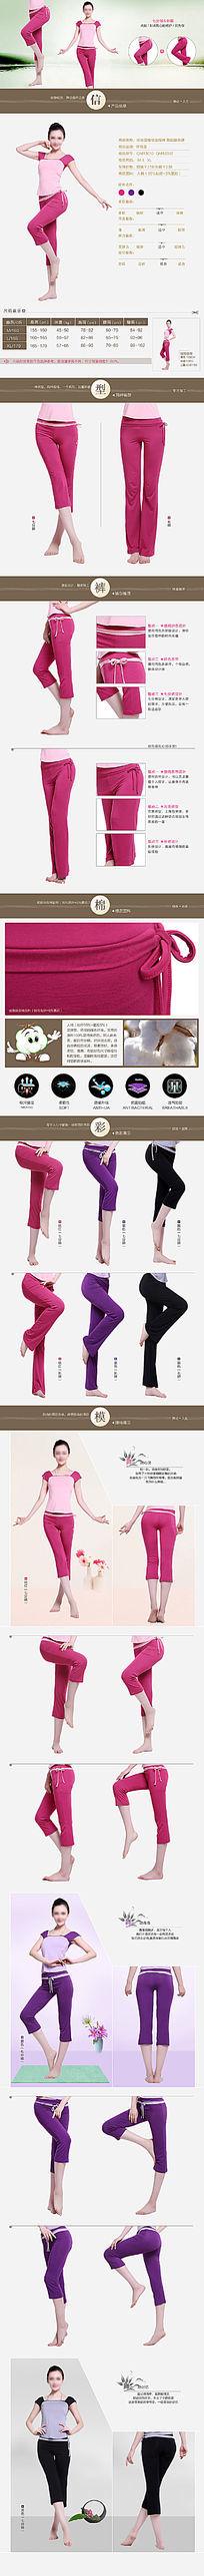 女装裤子宝贝描述设计